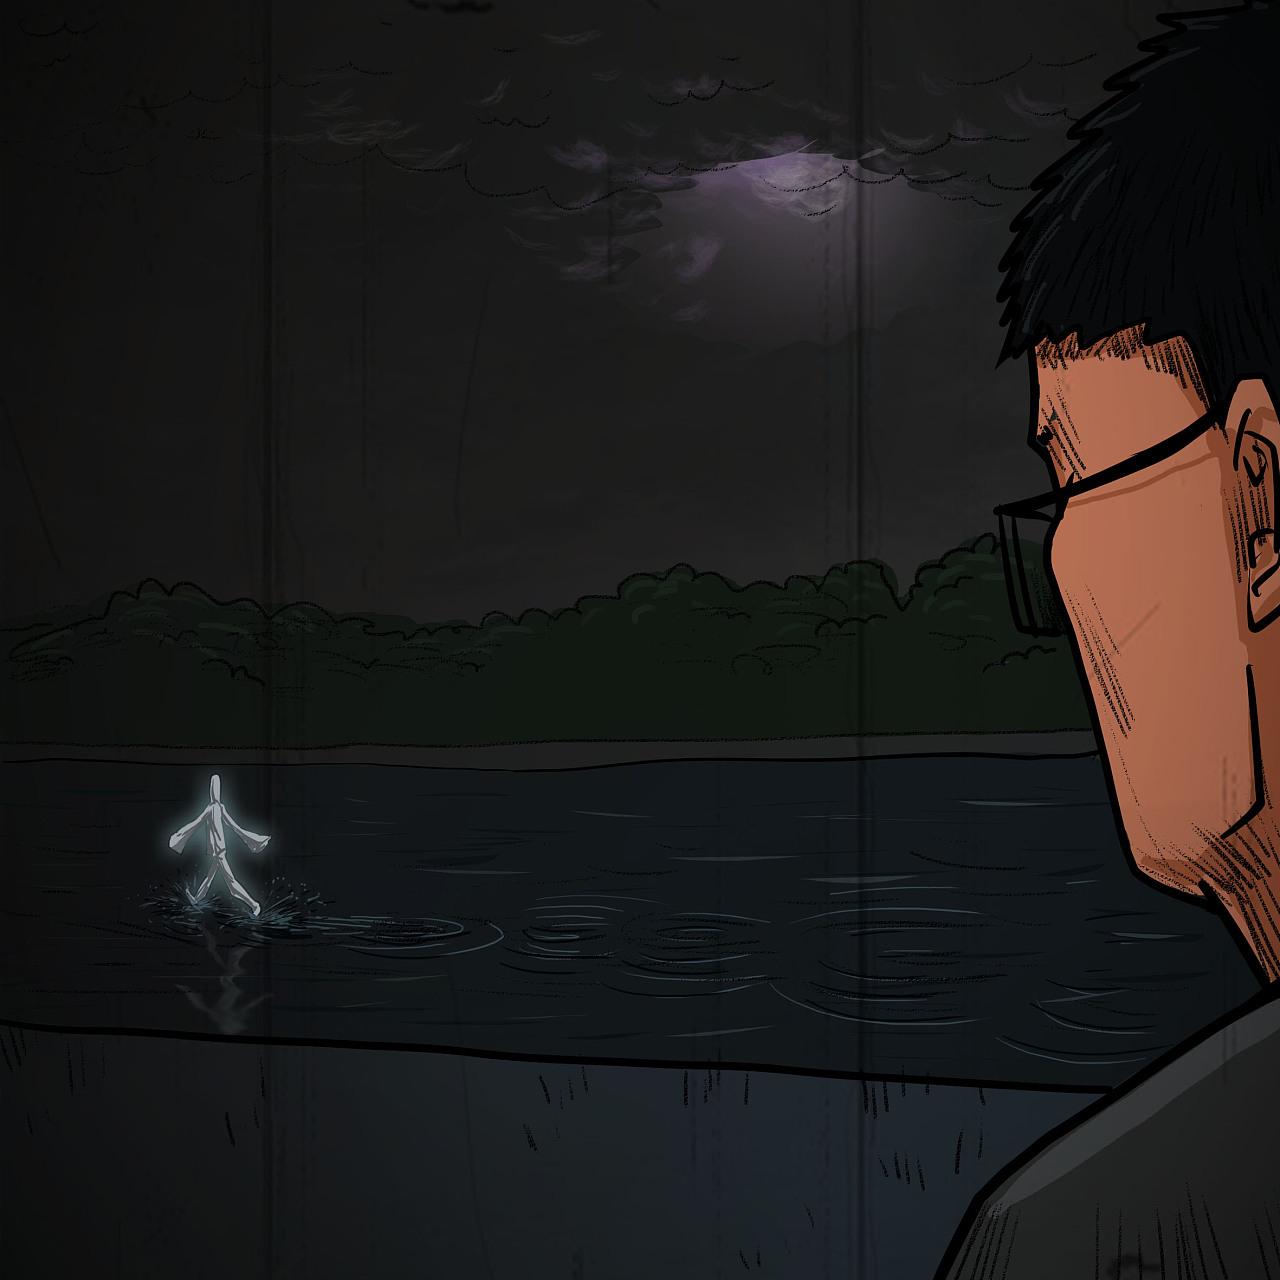 恐怖动漫路神|漫画|短篇/四格漫画|昊昊HOWH漫画人体培养槽图片